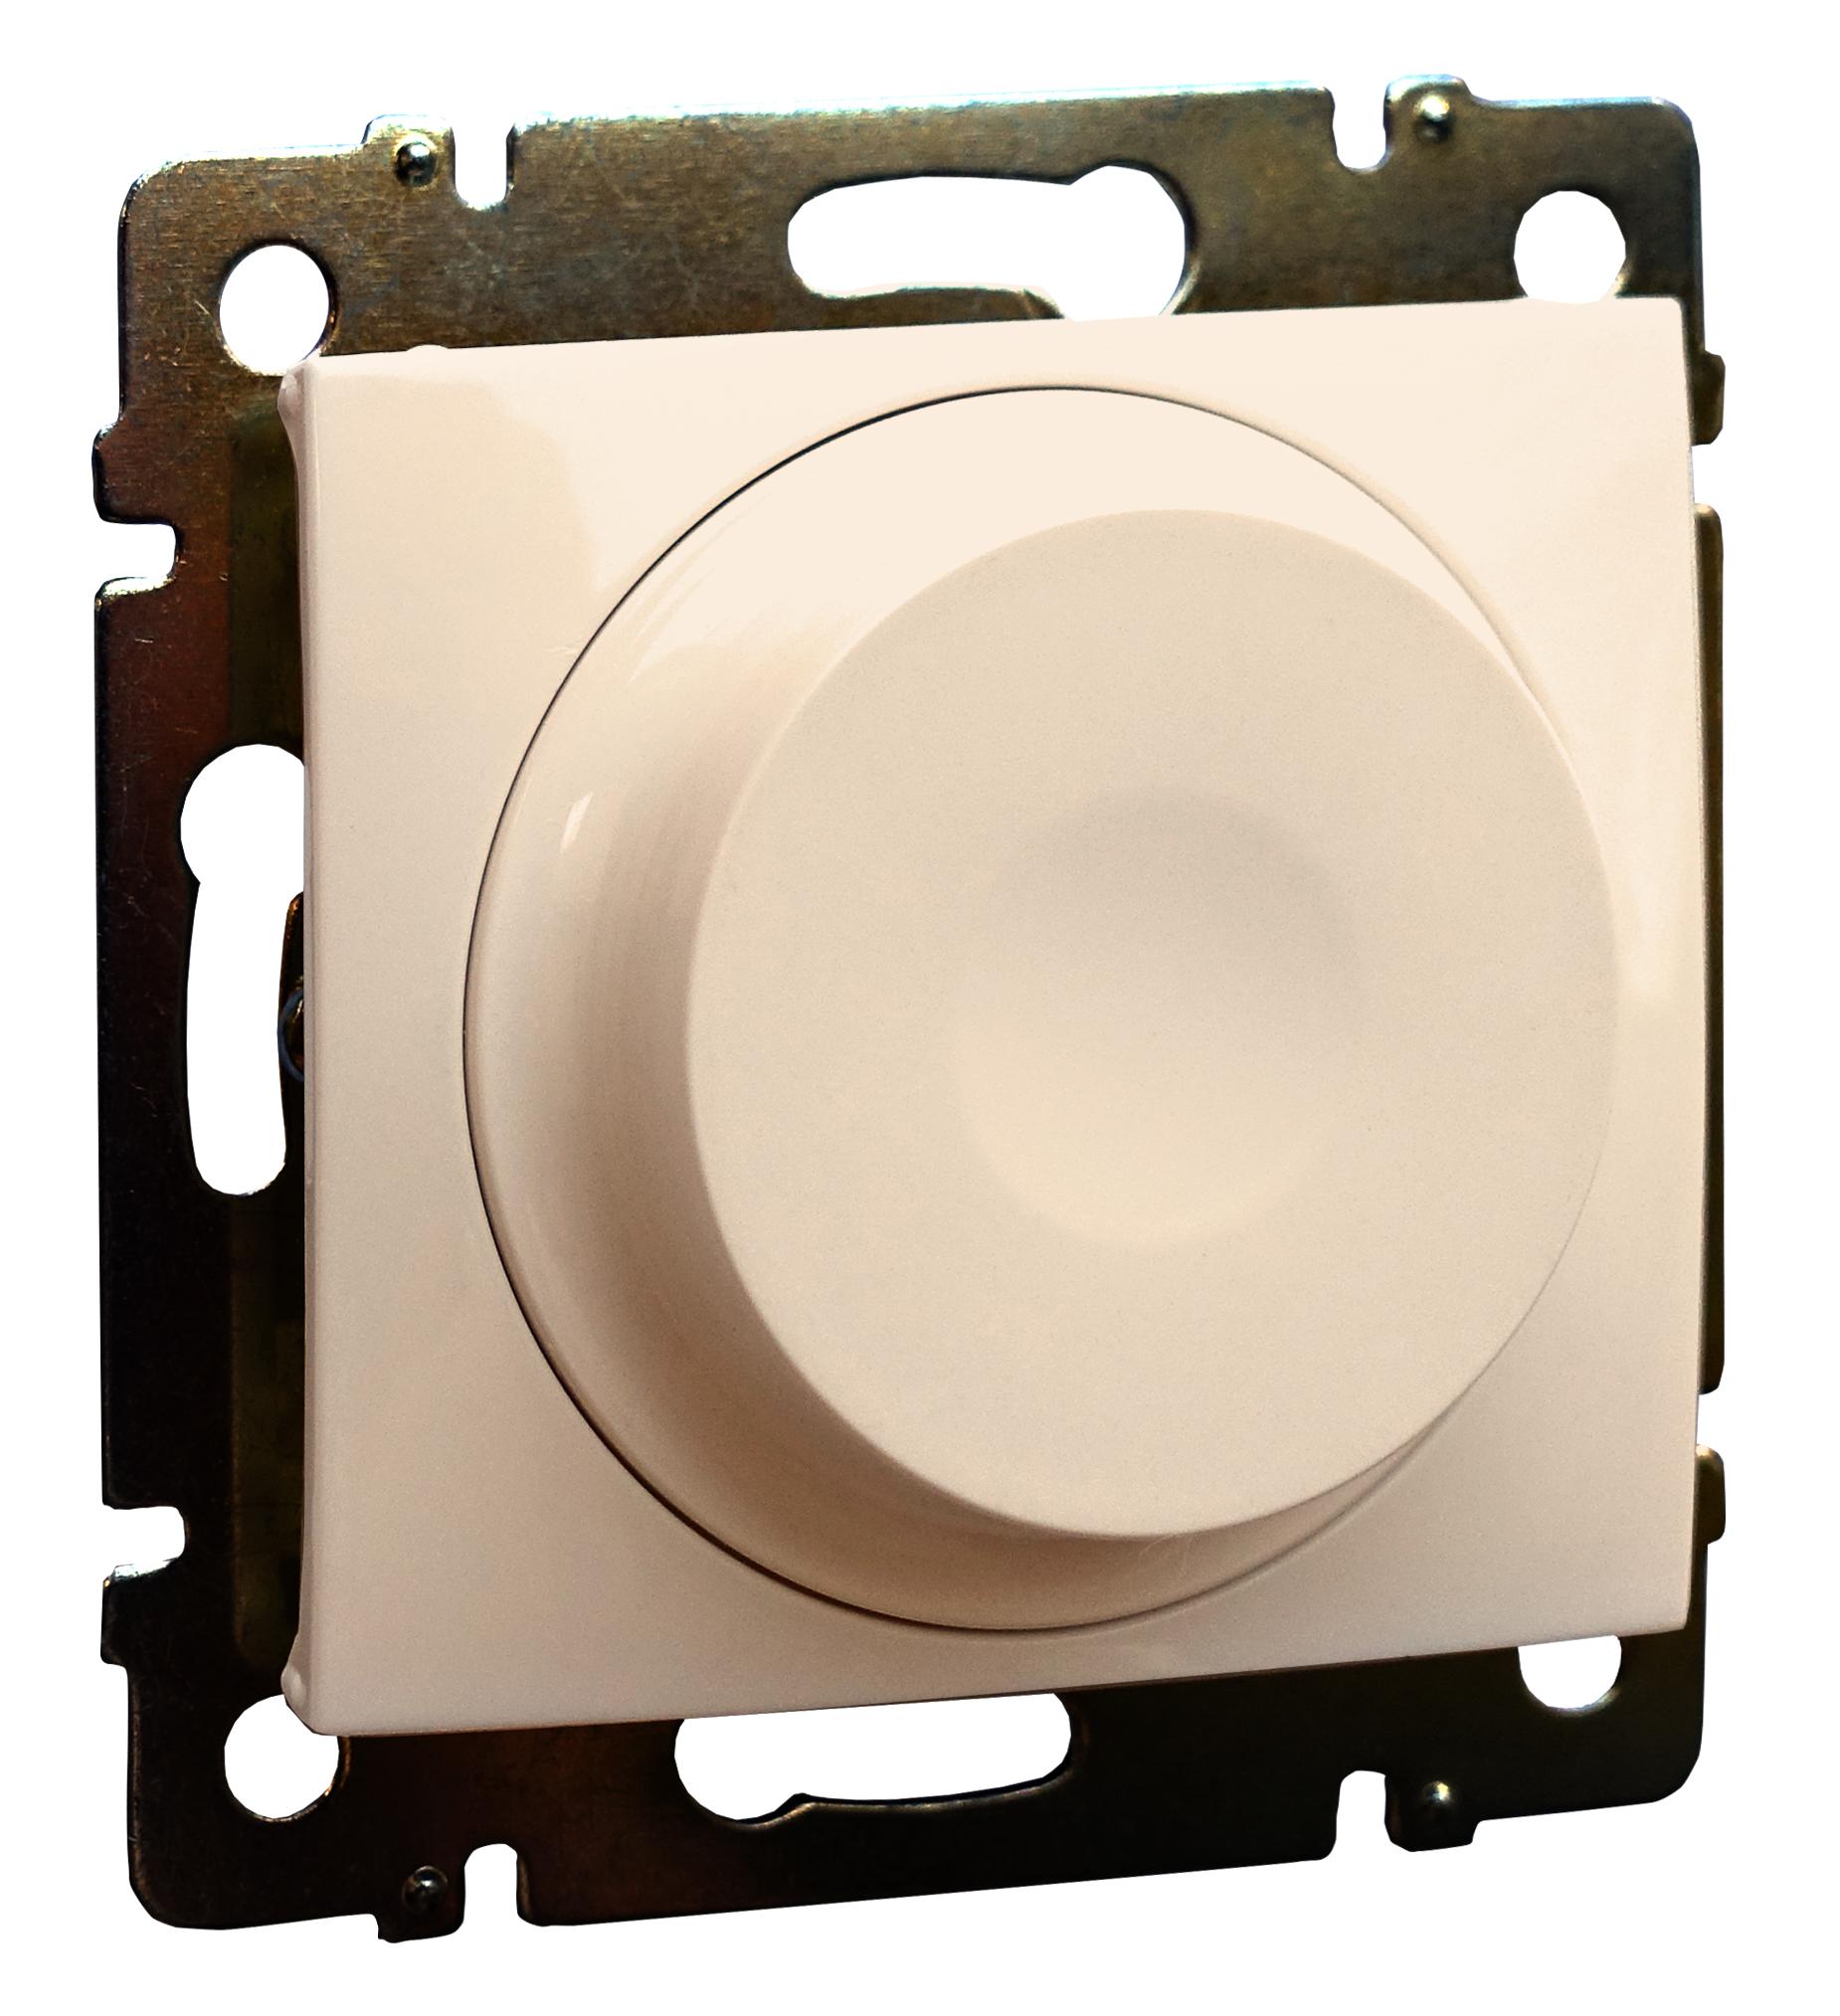 Светорегулятор поворотный LED, без нейтрали, слоновая кость 774163 LG